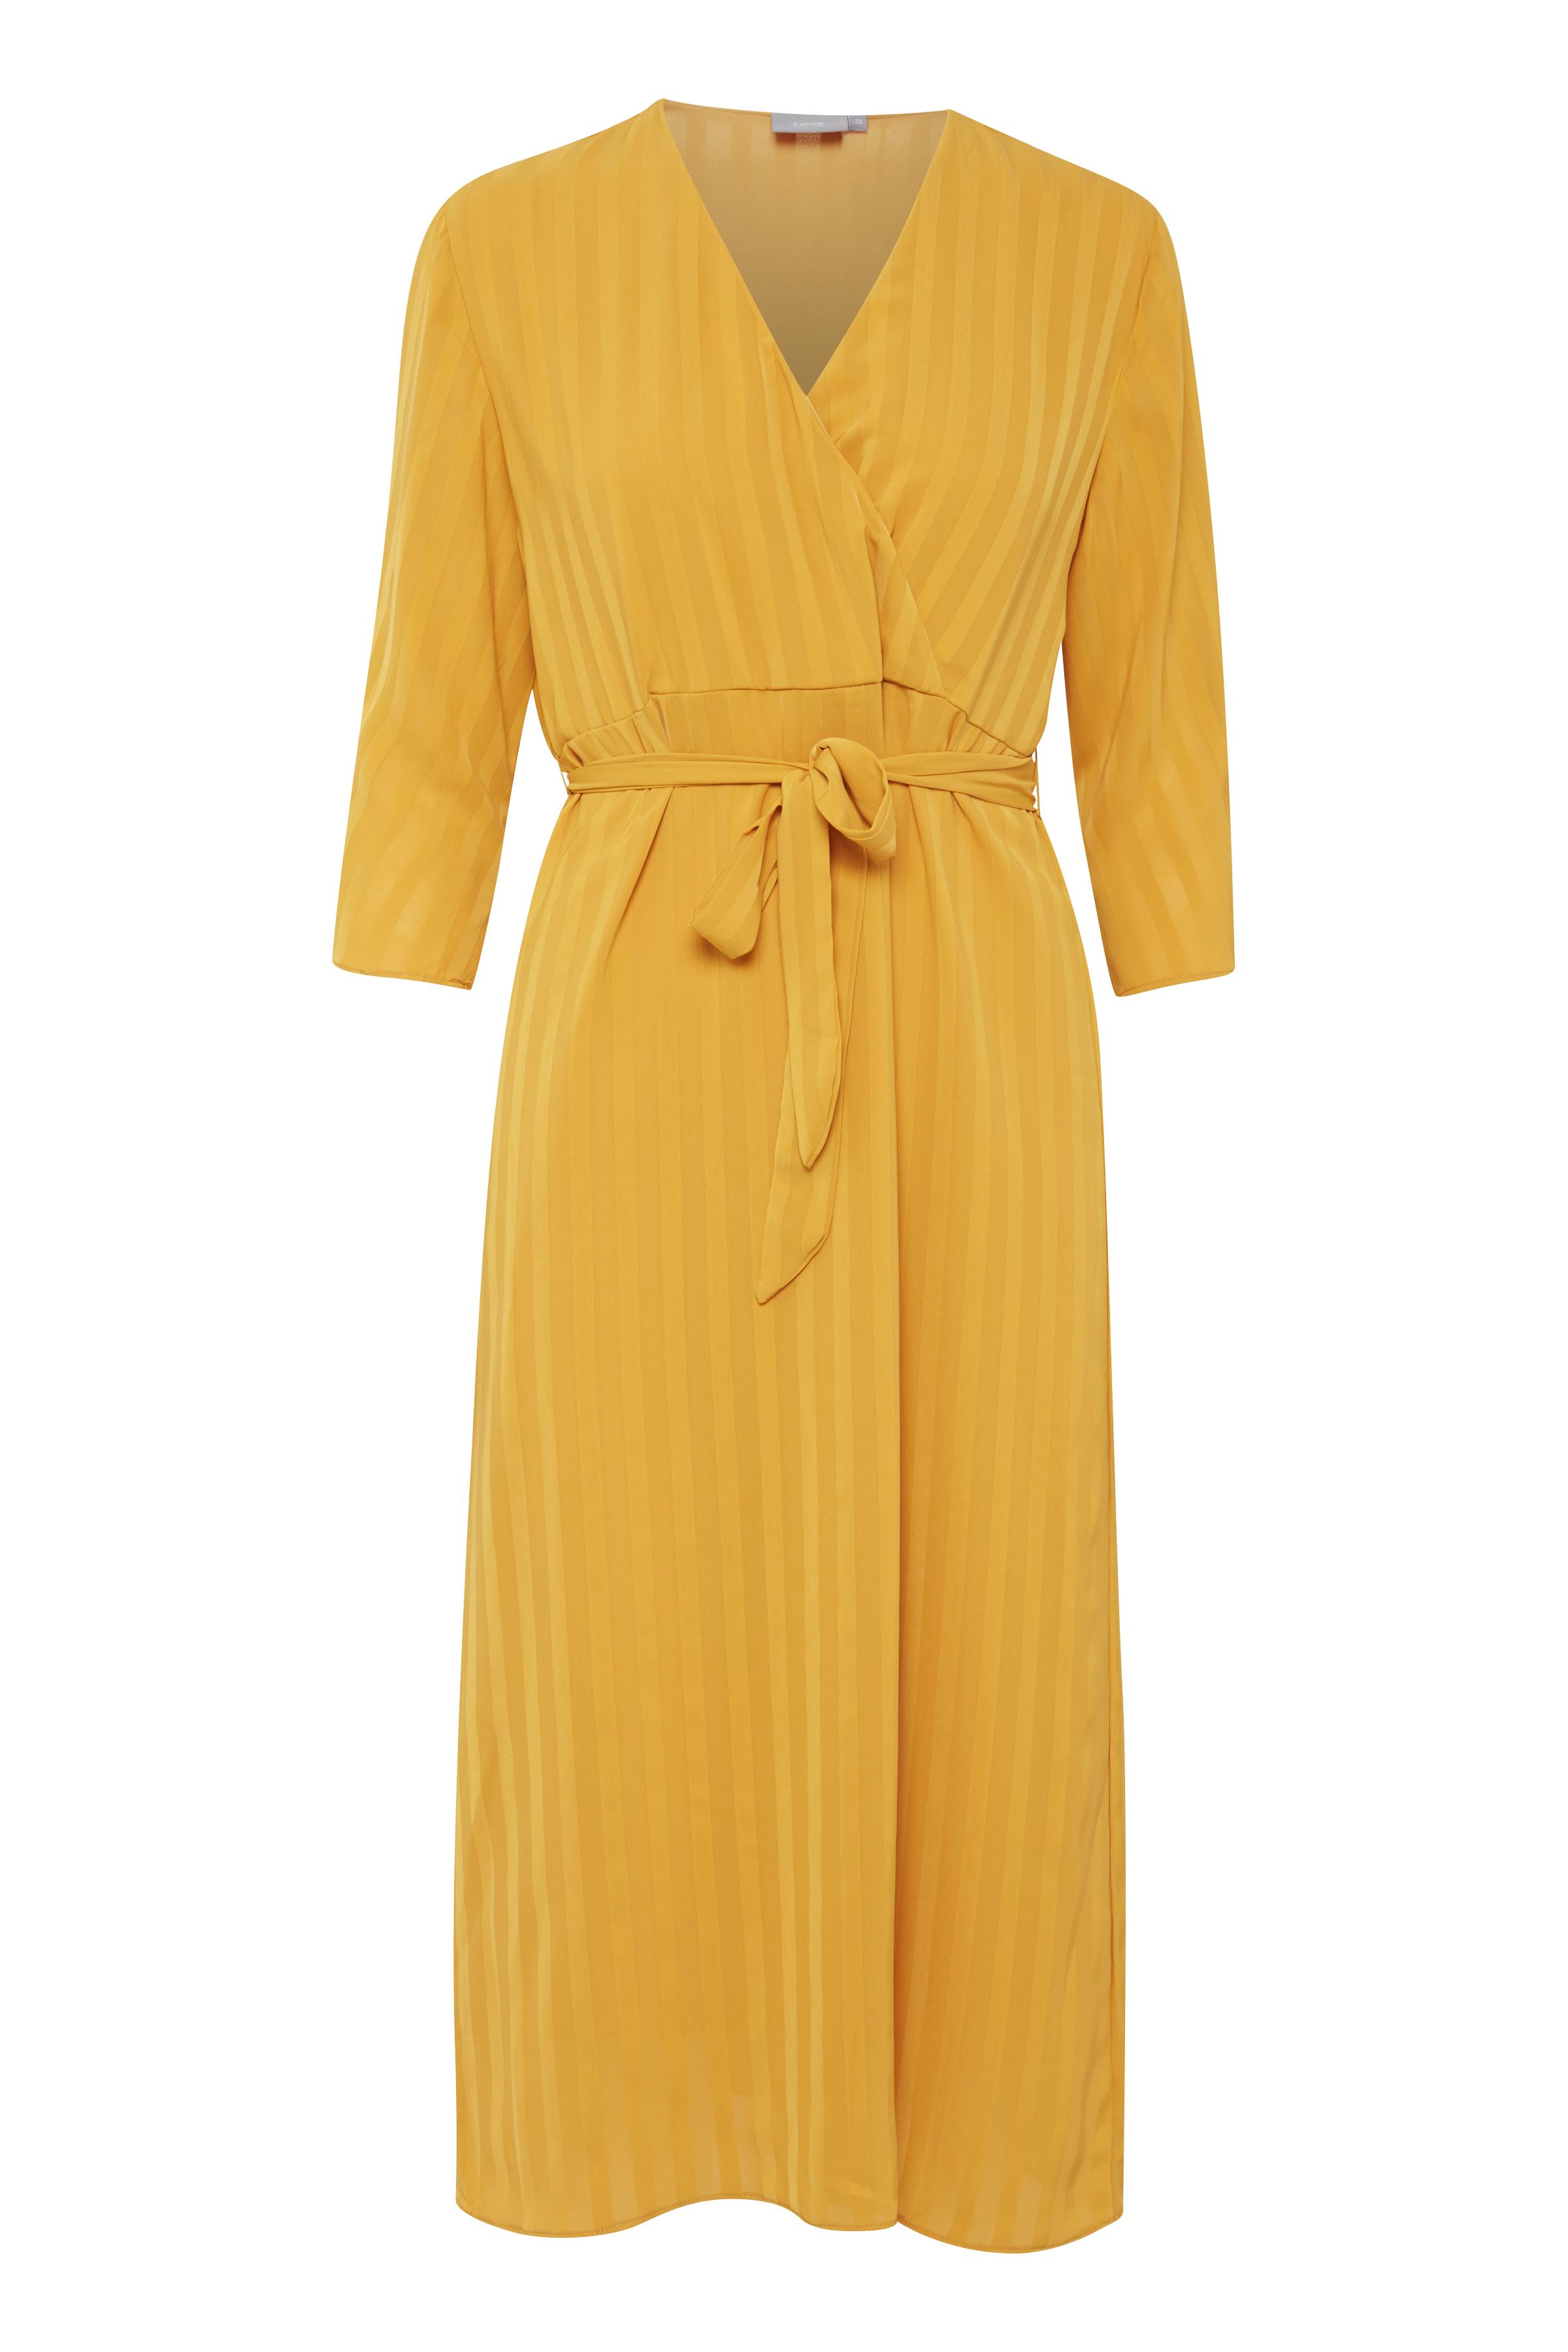 Ochre Yellow Kjole fra b.young – Køb Ochre Yellow Kjole fra str. 36-44 her